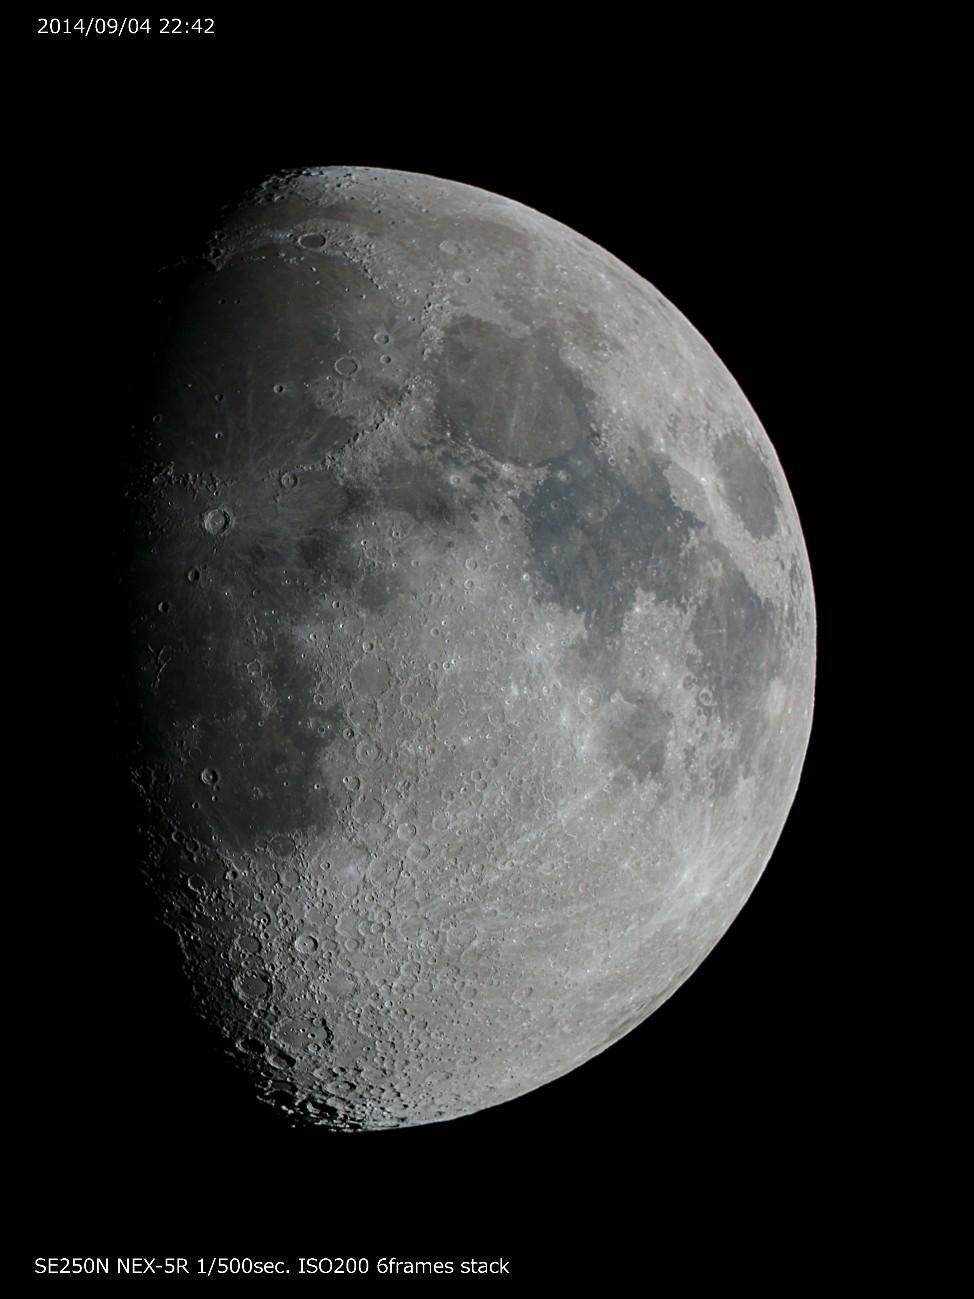 月画像を再処理してみた。_a0095470_1253287.jpg